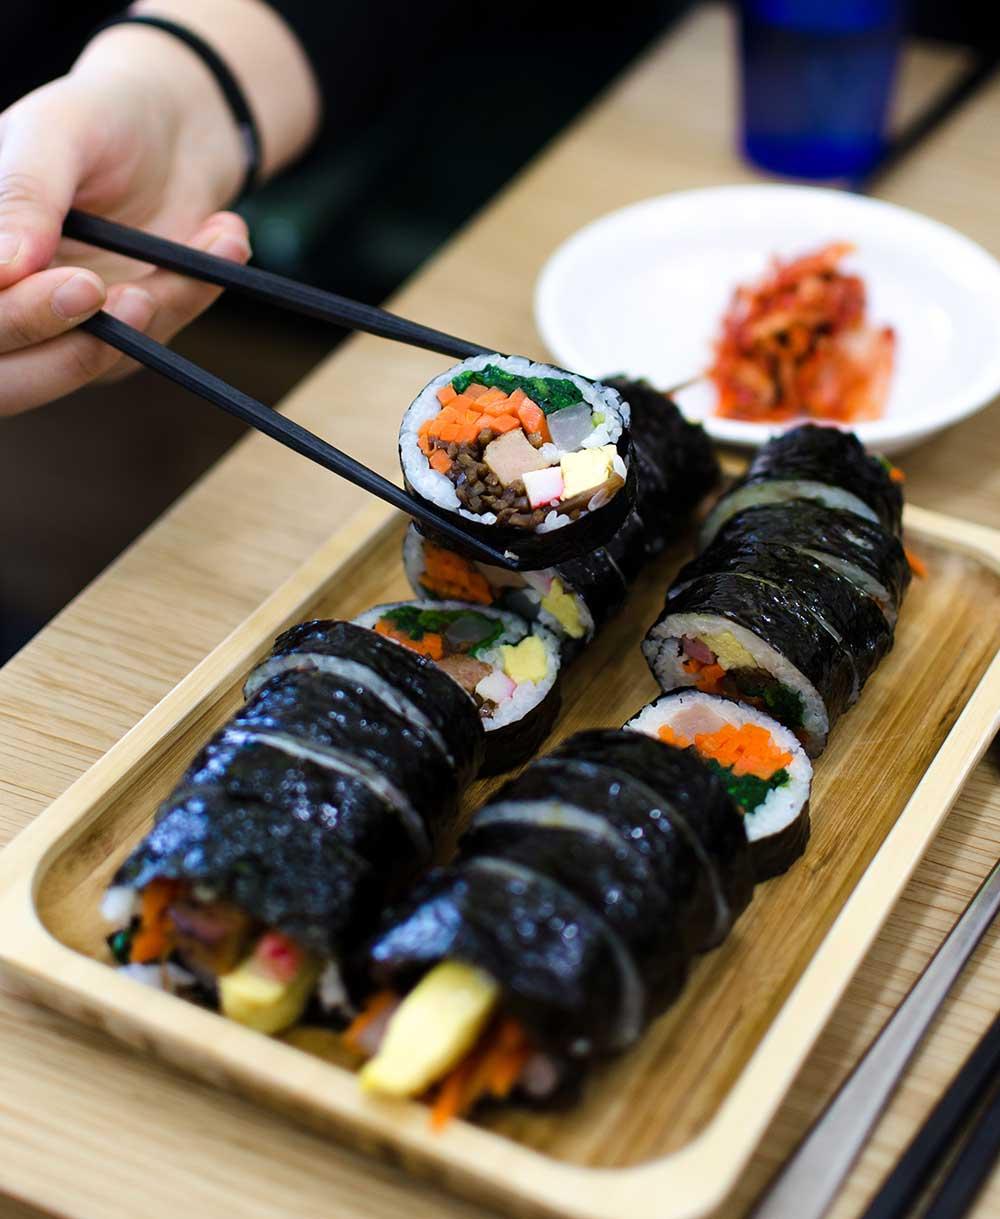 Sushi time. Photo: Filippo Faruffini/Unsplashv